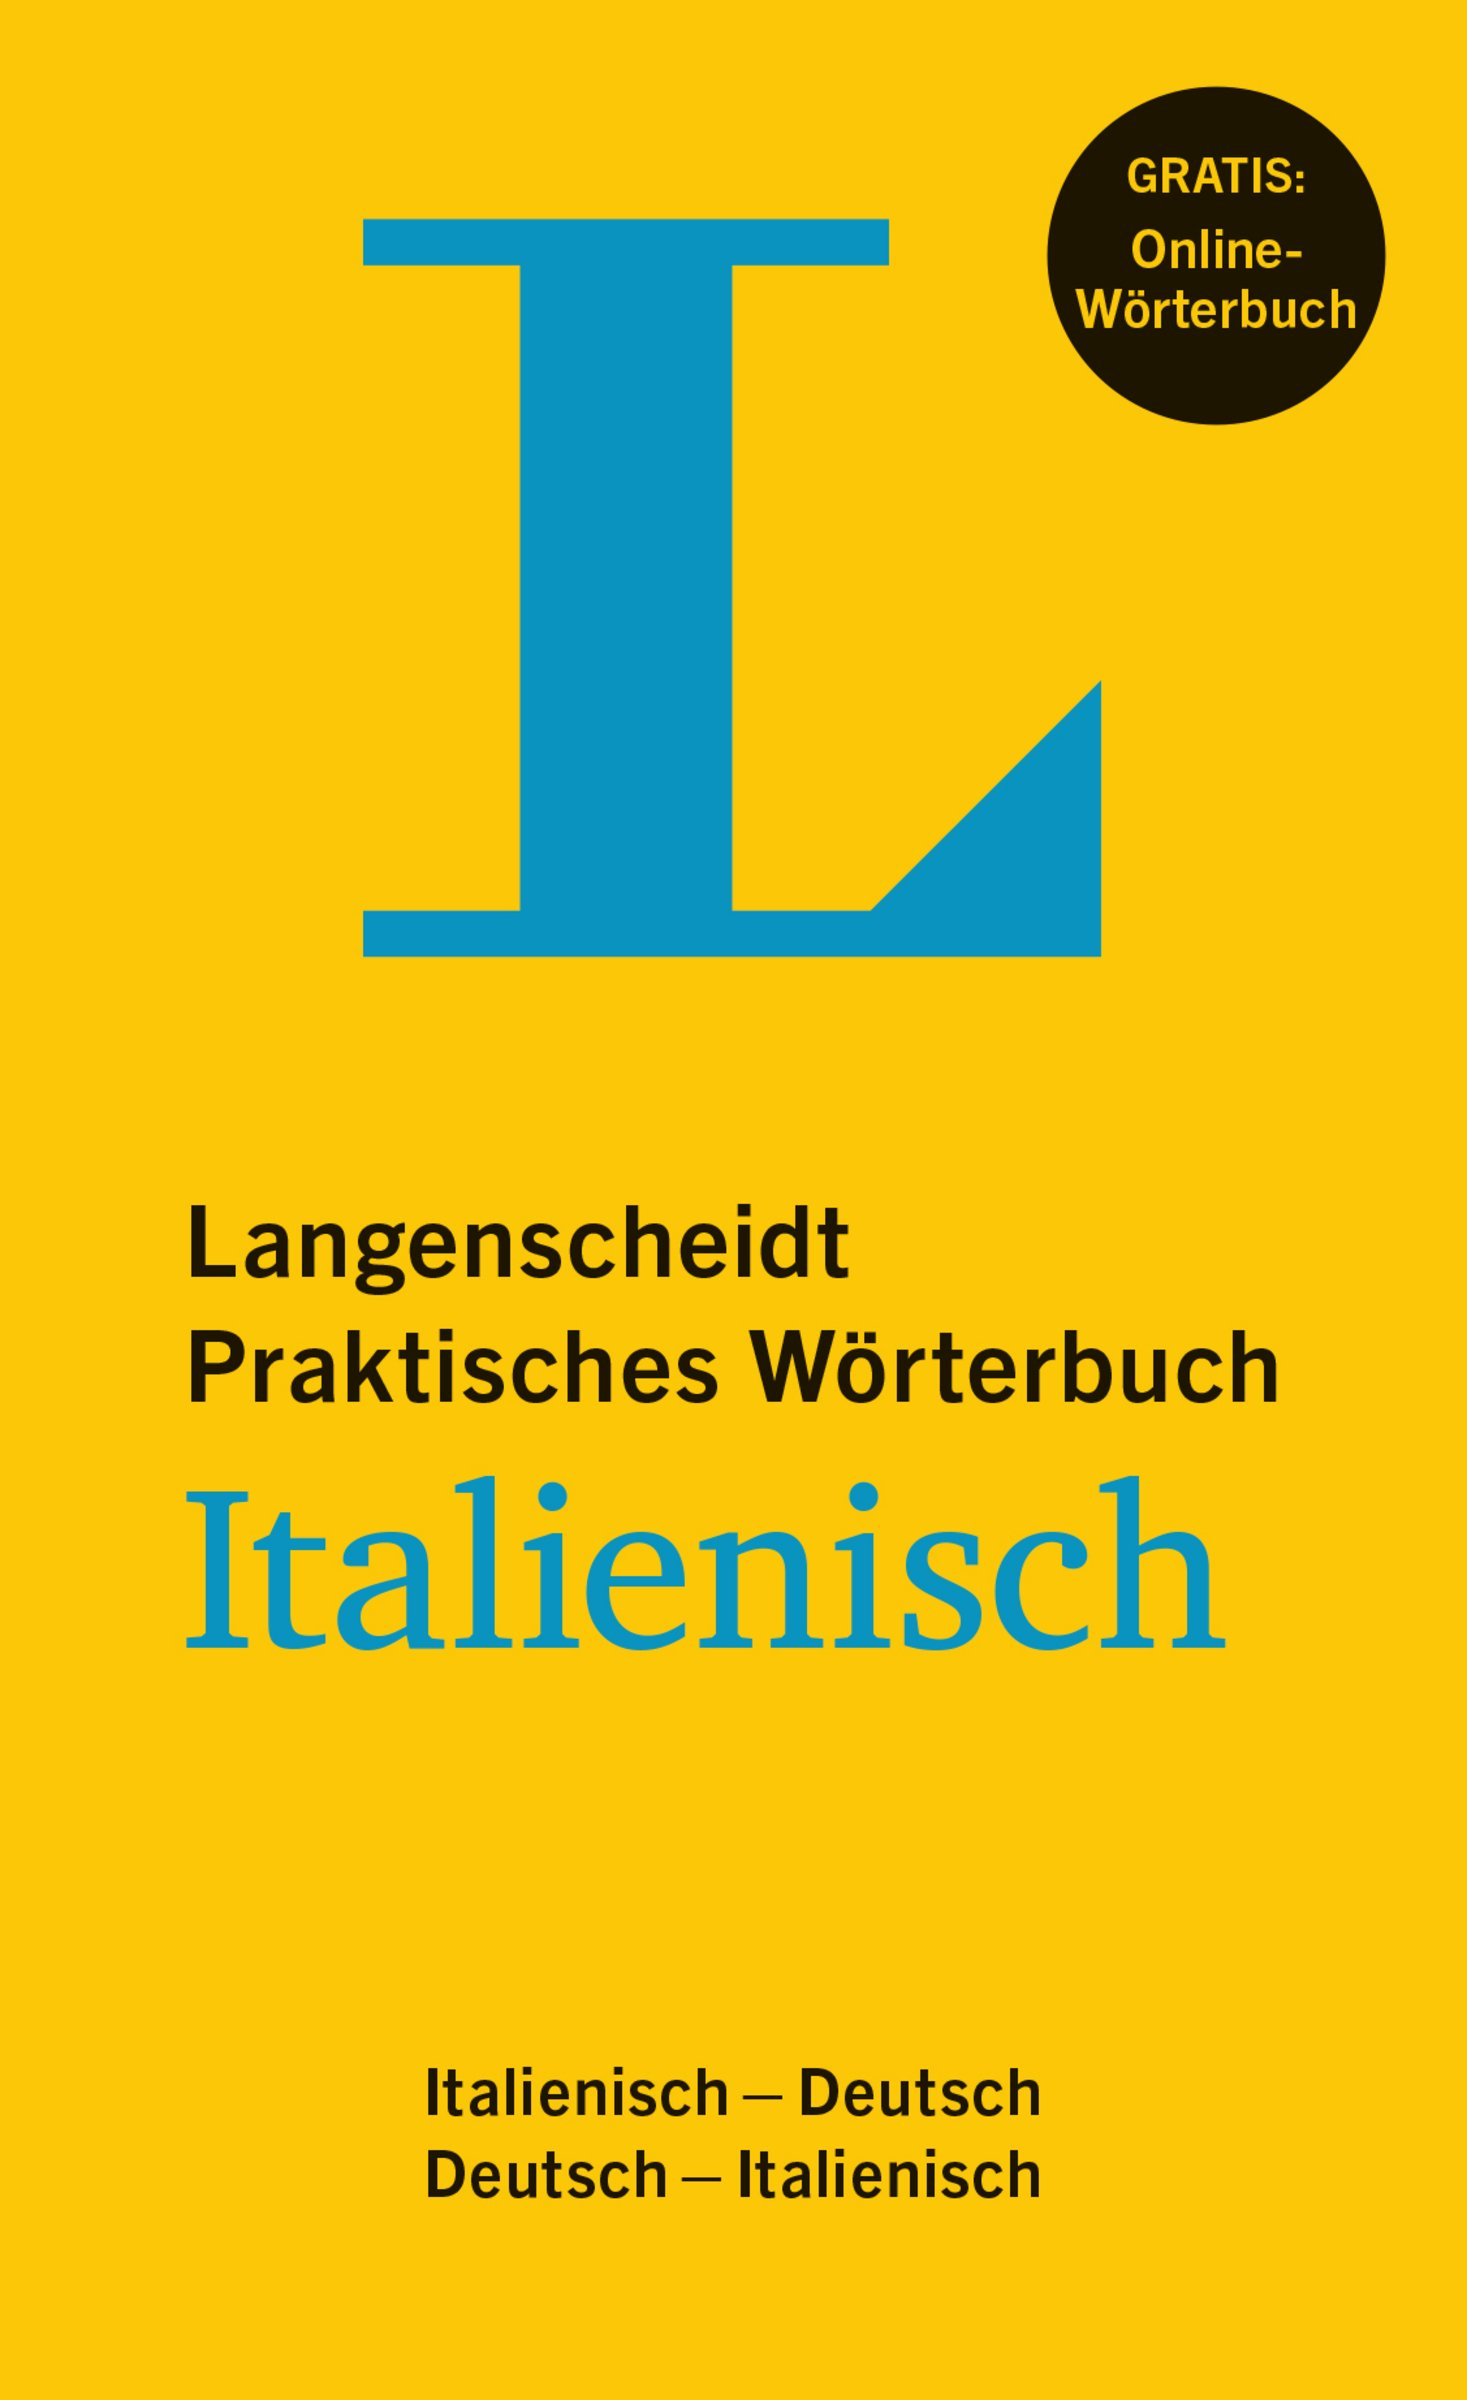 Langenscheidt Praktisches Wörterbuch Italienisch   Buch Mit Online Anbindung  Italienisch Deutsch Deutsch Italienisch  Langenscheidt Praktische Wörterbücher